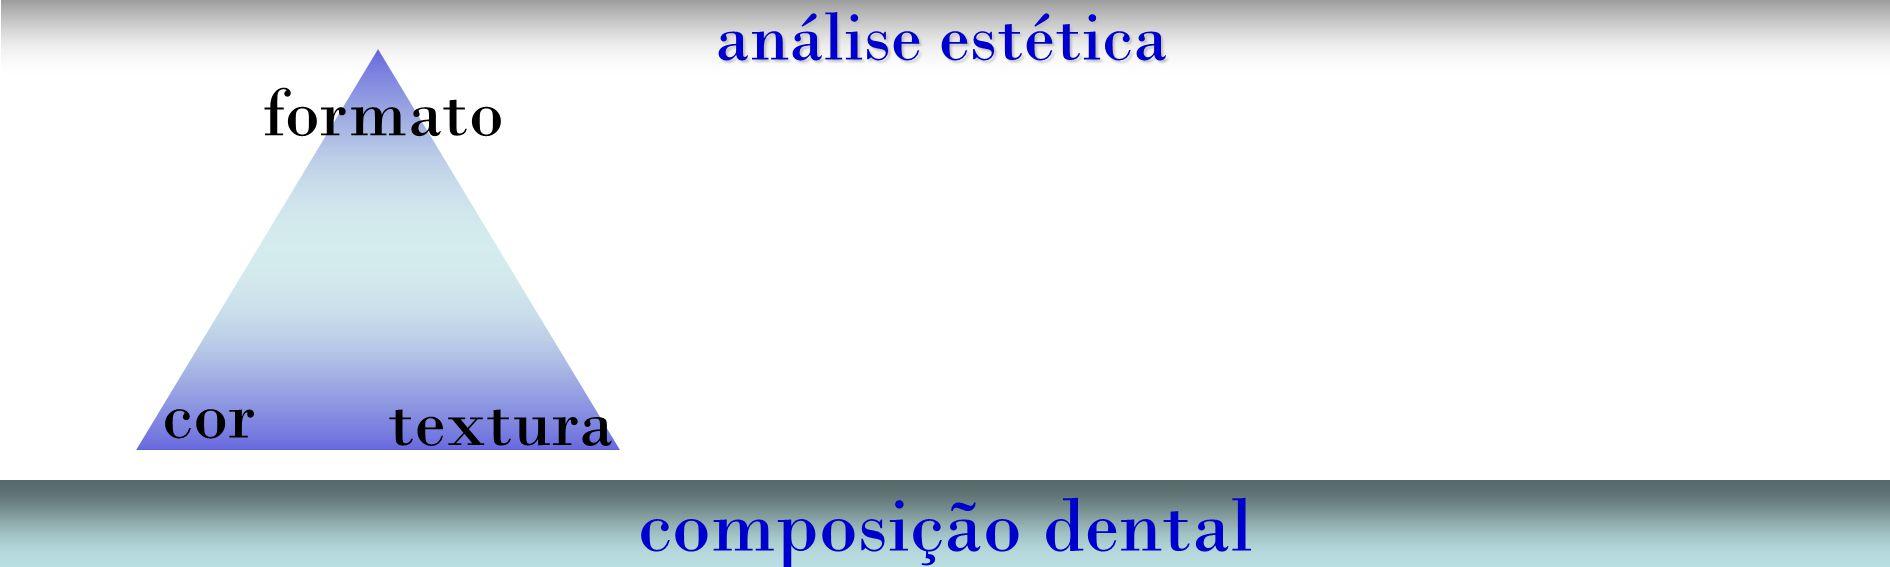 análise estética composição dental cor formato textura